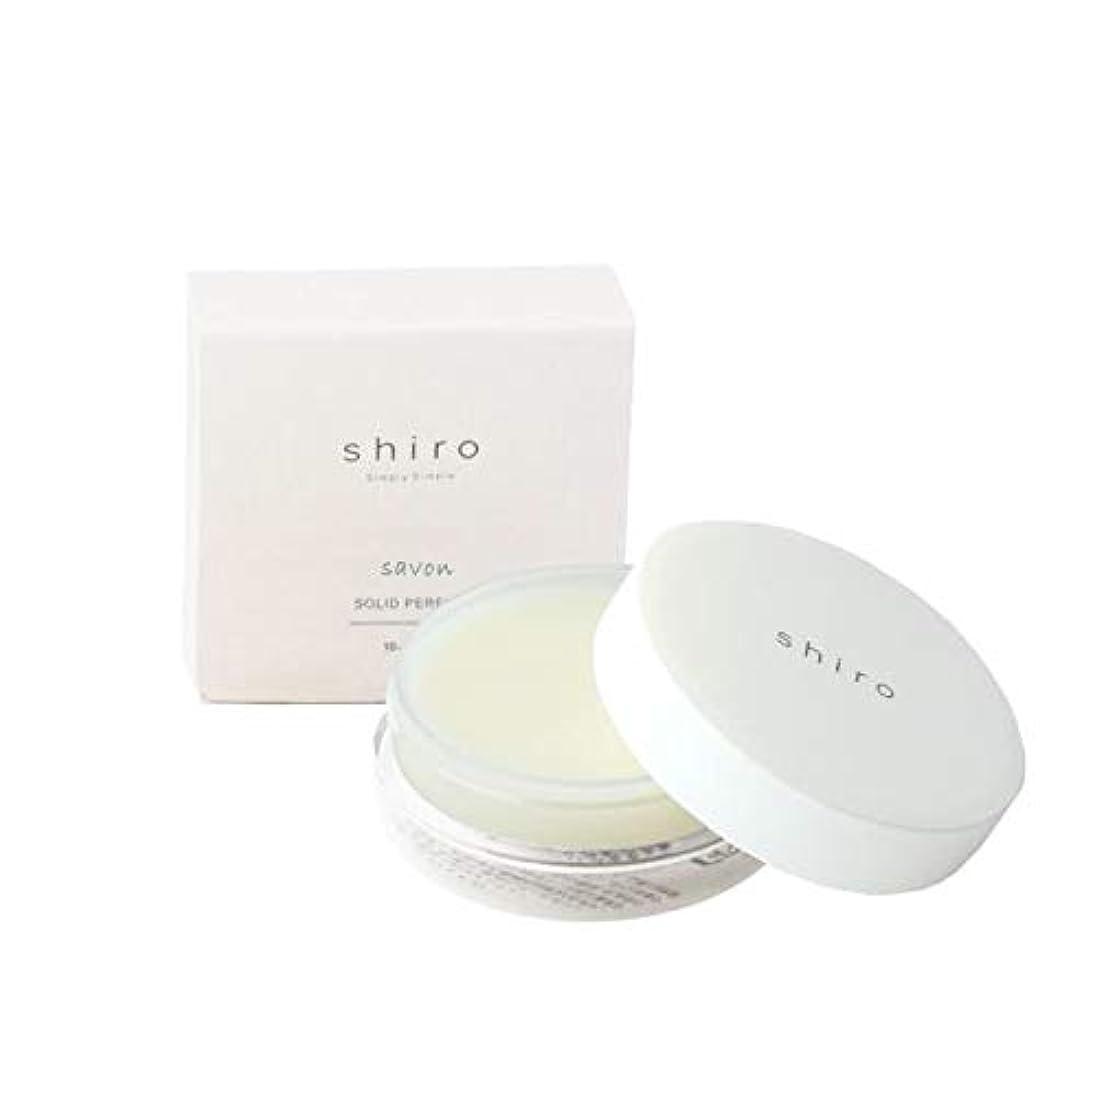 反映する批評相談するshiro サボン 練り香水 18g 清潔で透明感のある自然な石けんの香り シロ